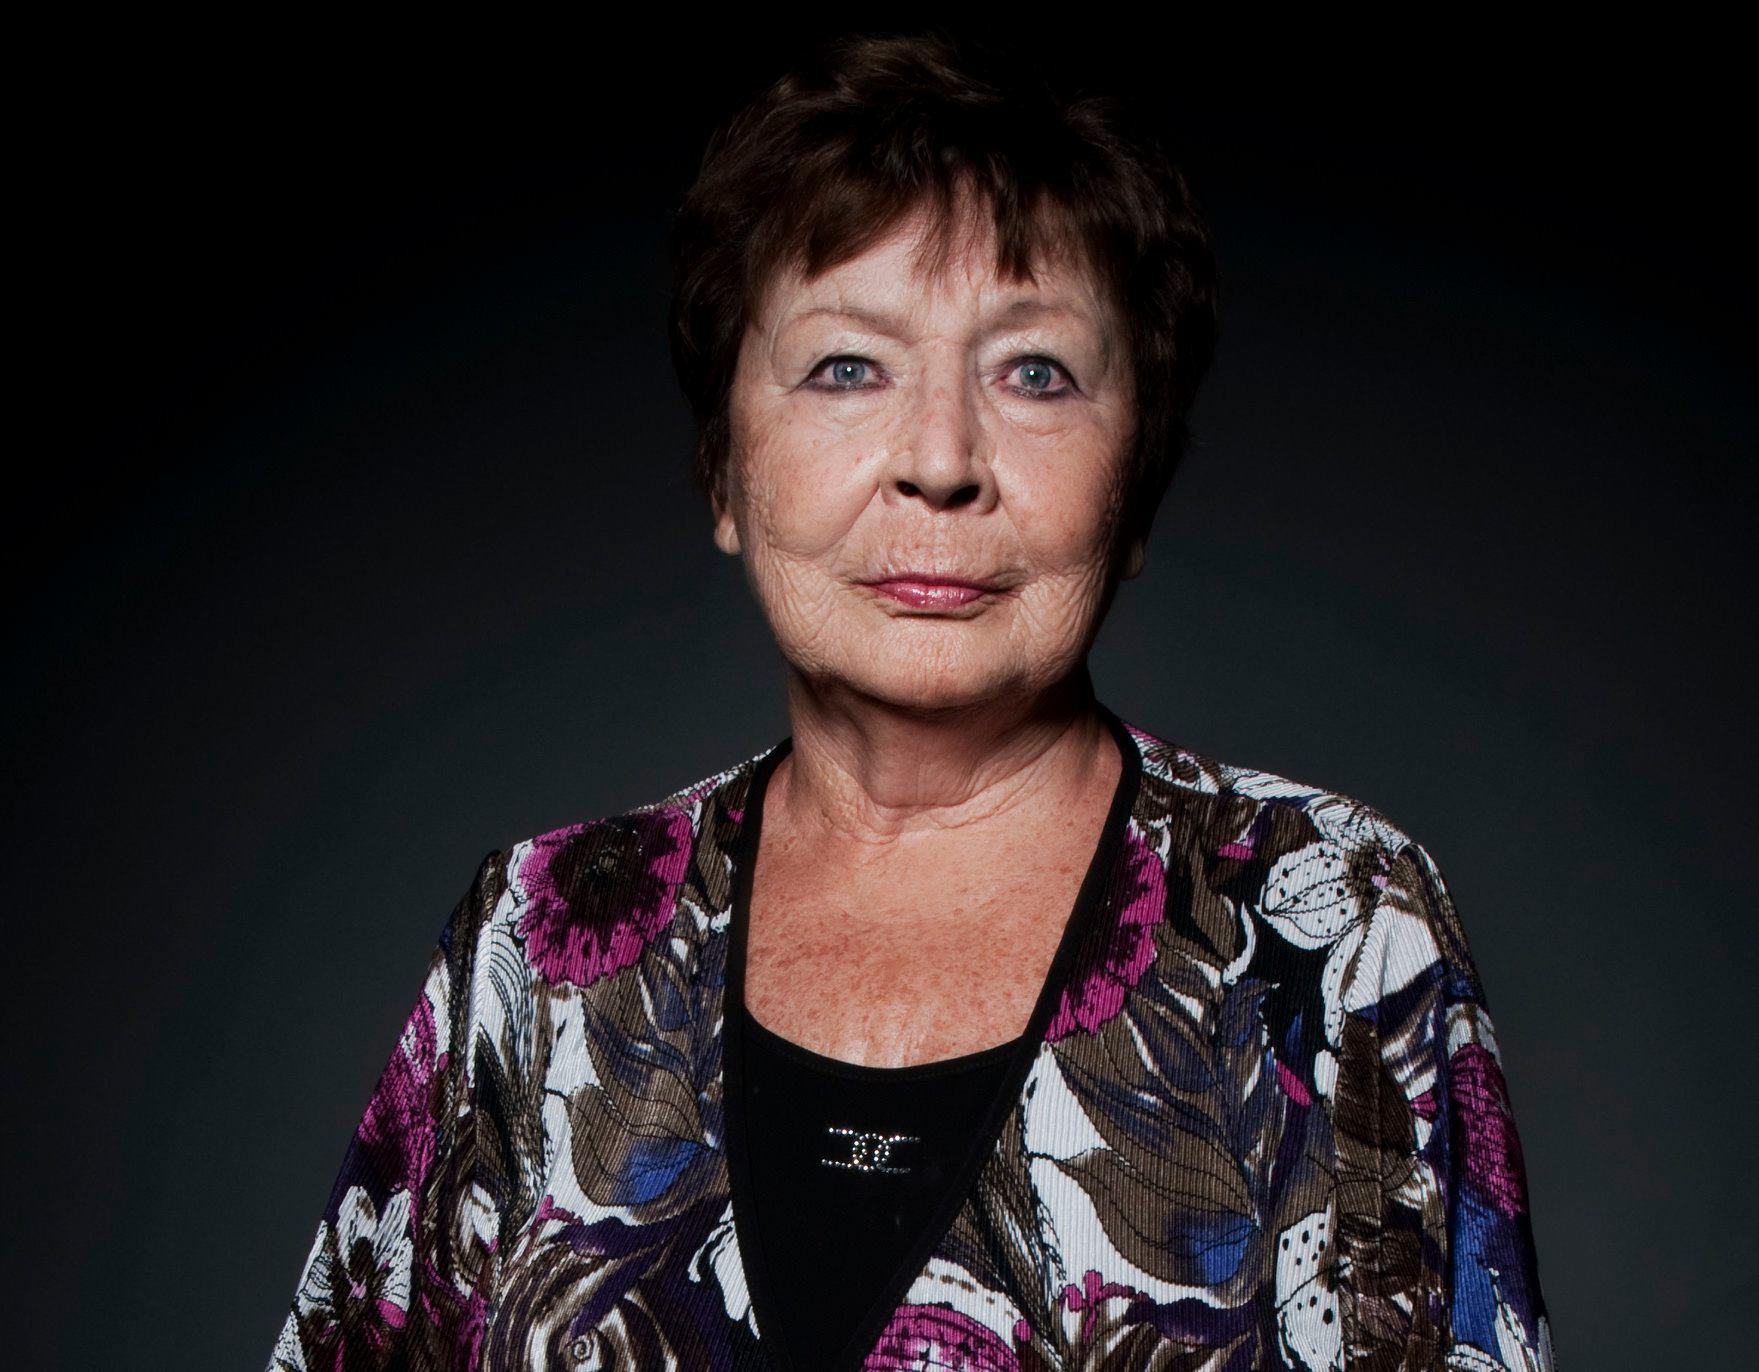 meghalt Olsavszky Éva színeszno katona joszef szinhaz alapito tag